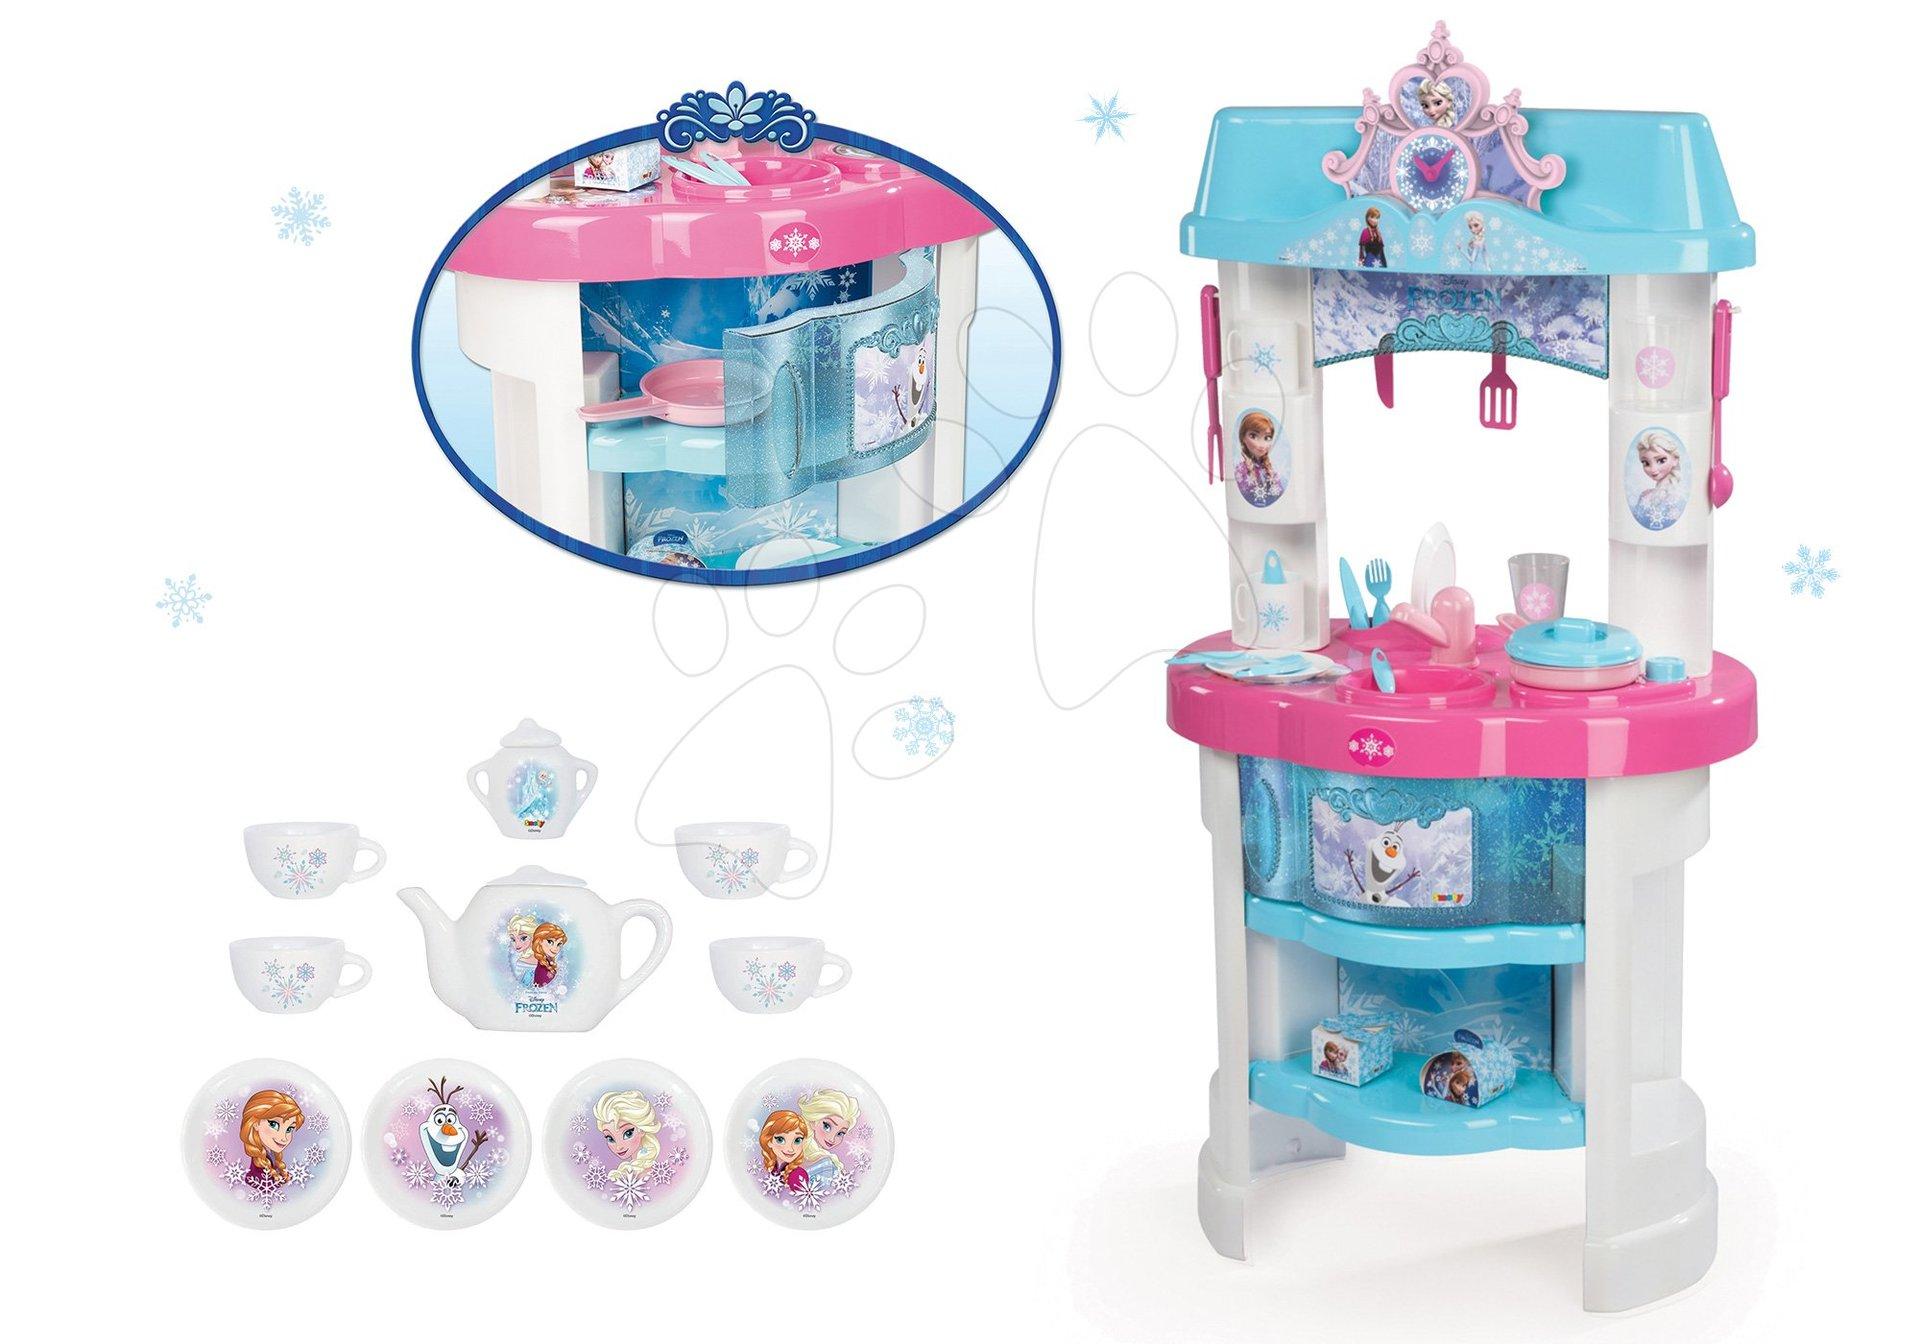 Komplet otroške kuhinje Frozen Smoby z bleščicami in porcelanasti set Frozen